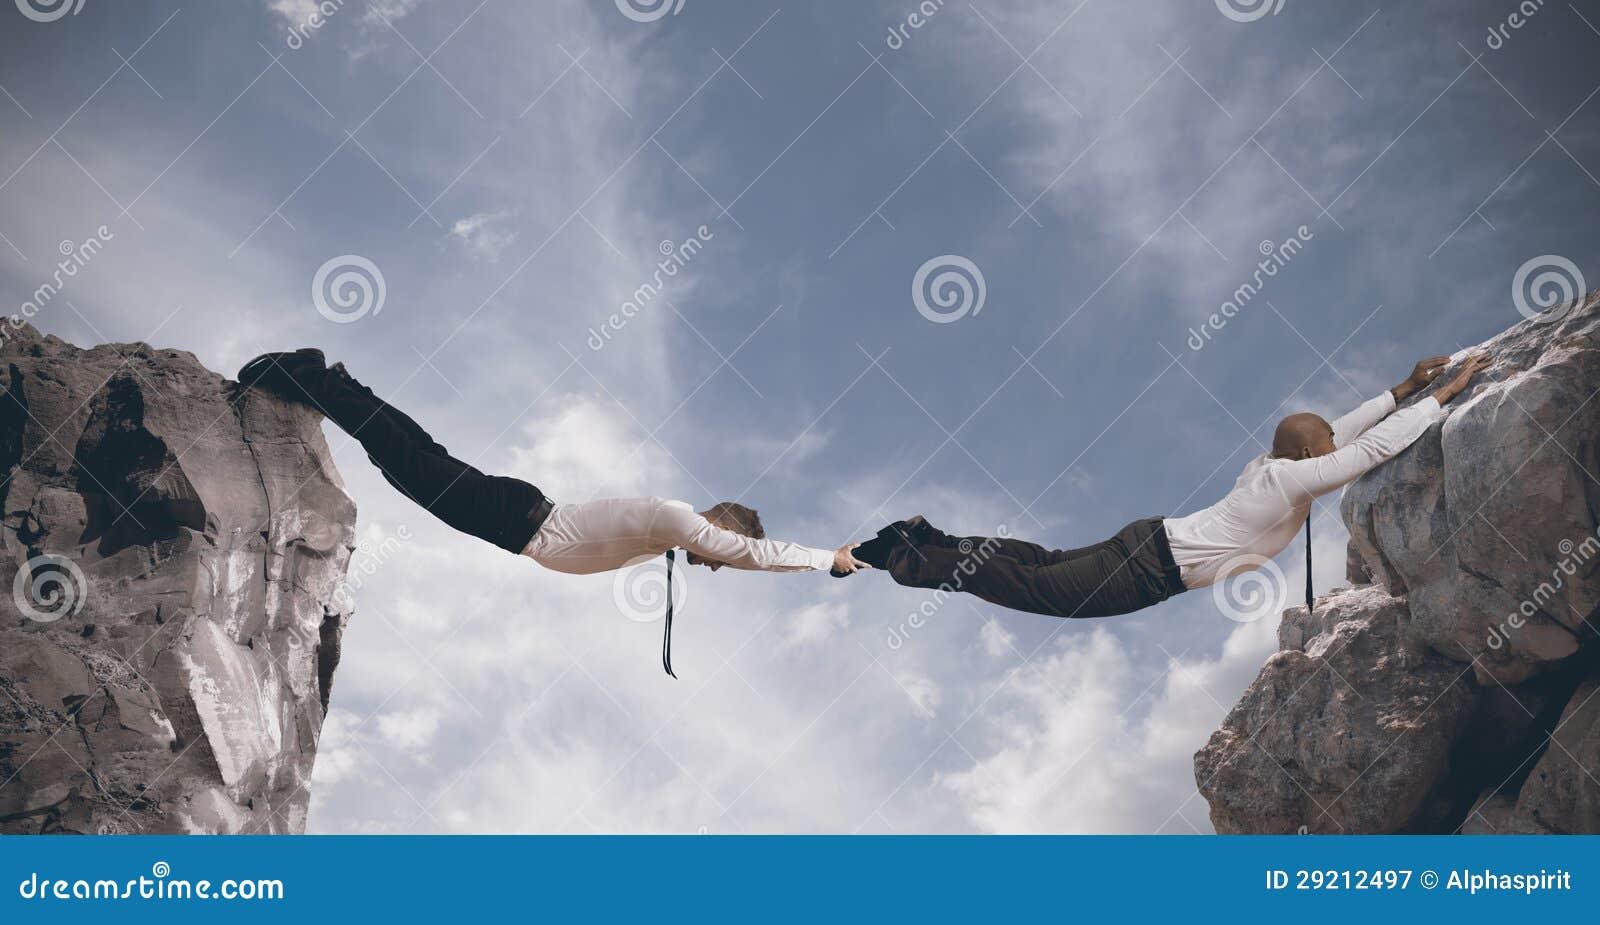 Мост дела. Принципиальная схема партнерства